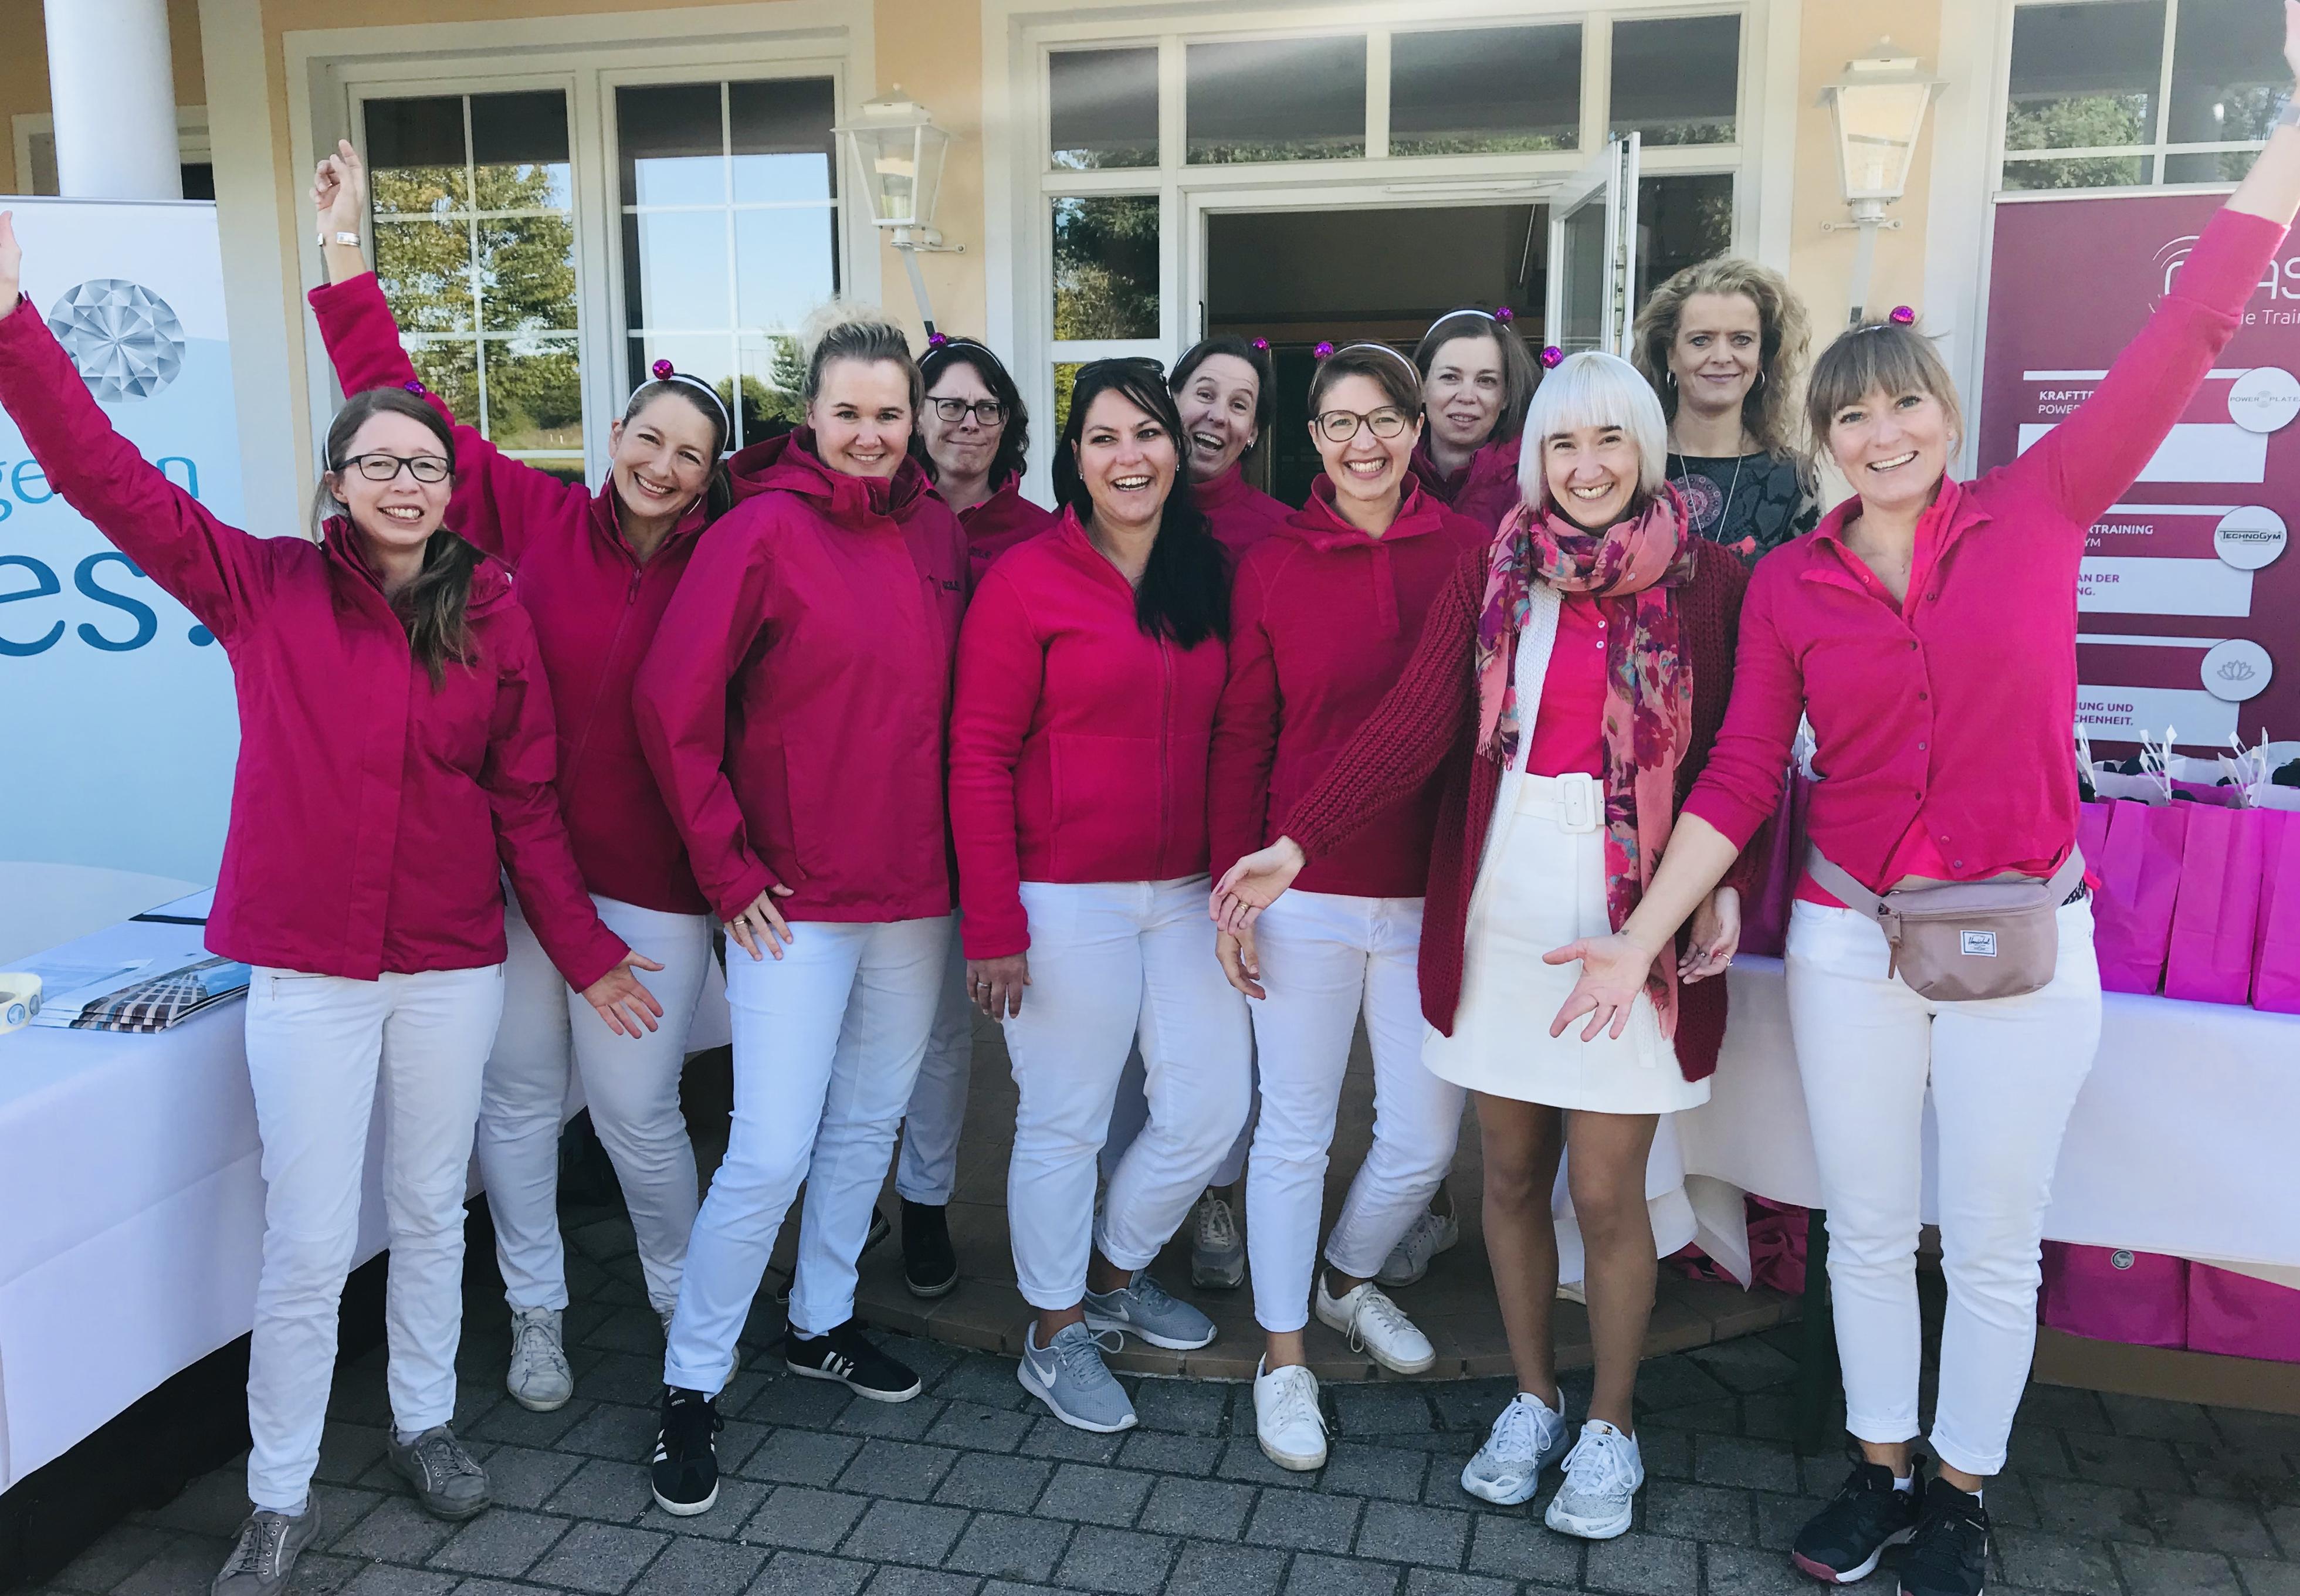 Passauer Ladies De